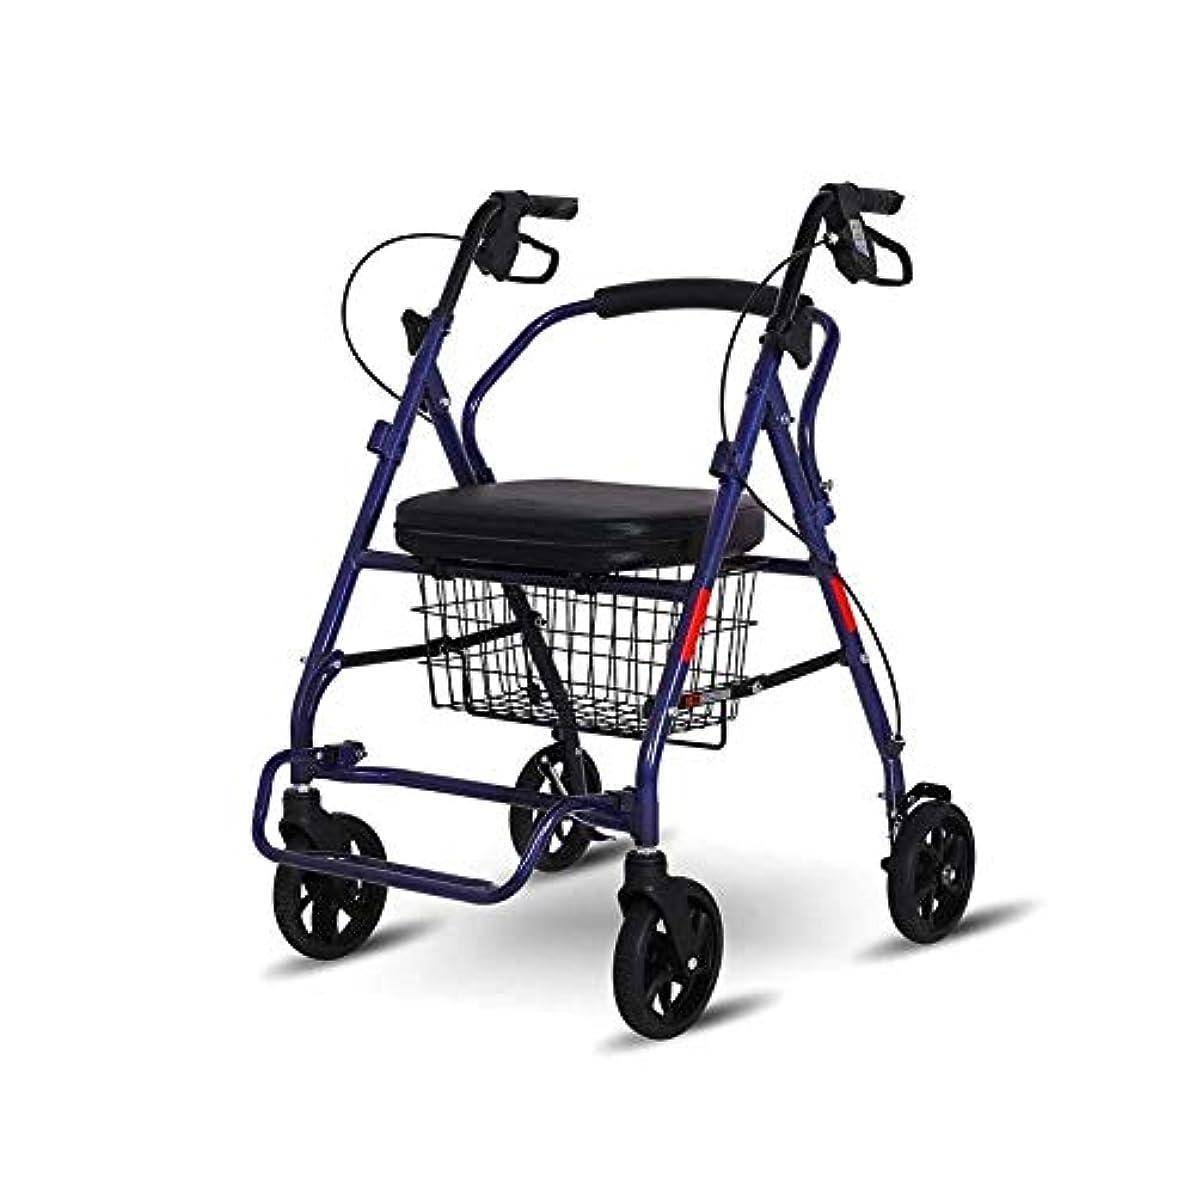 落胆する薬剤師悪意折りたたみ式歩行歩行器、パッド入りシート&背もたれ、ロック可能なブレーキ、フットレスト、歩行補助